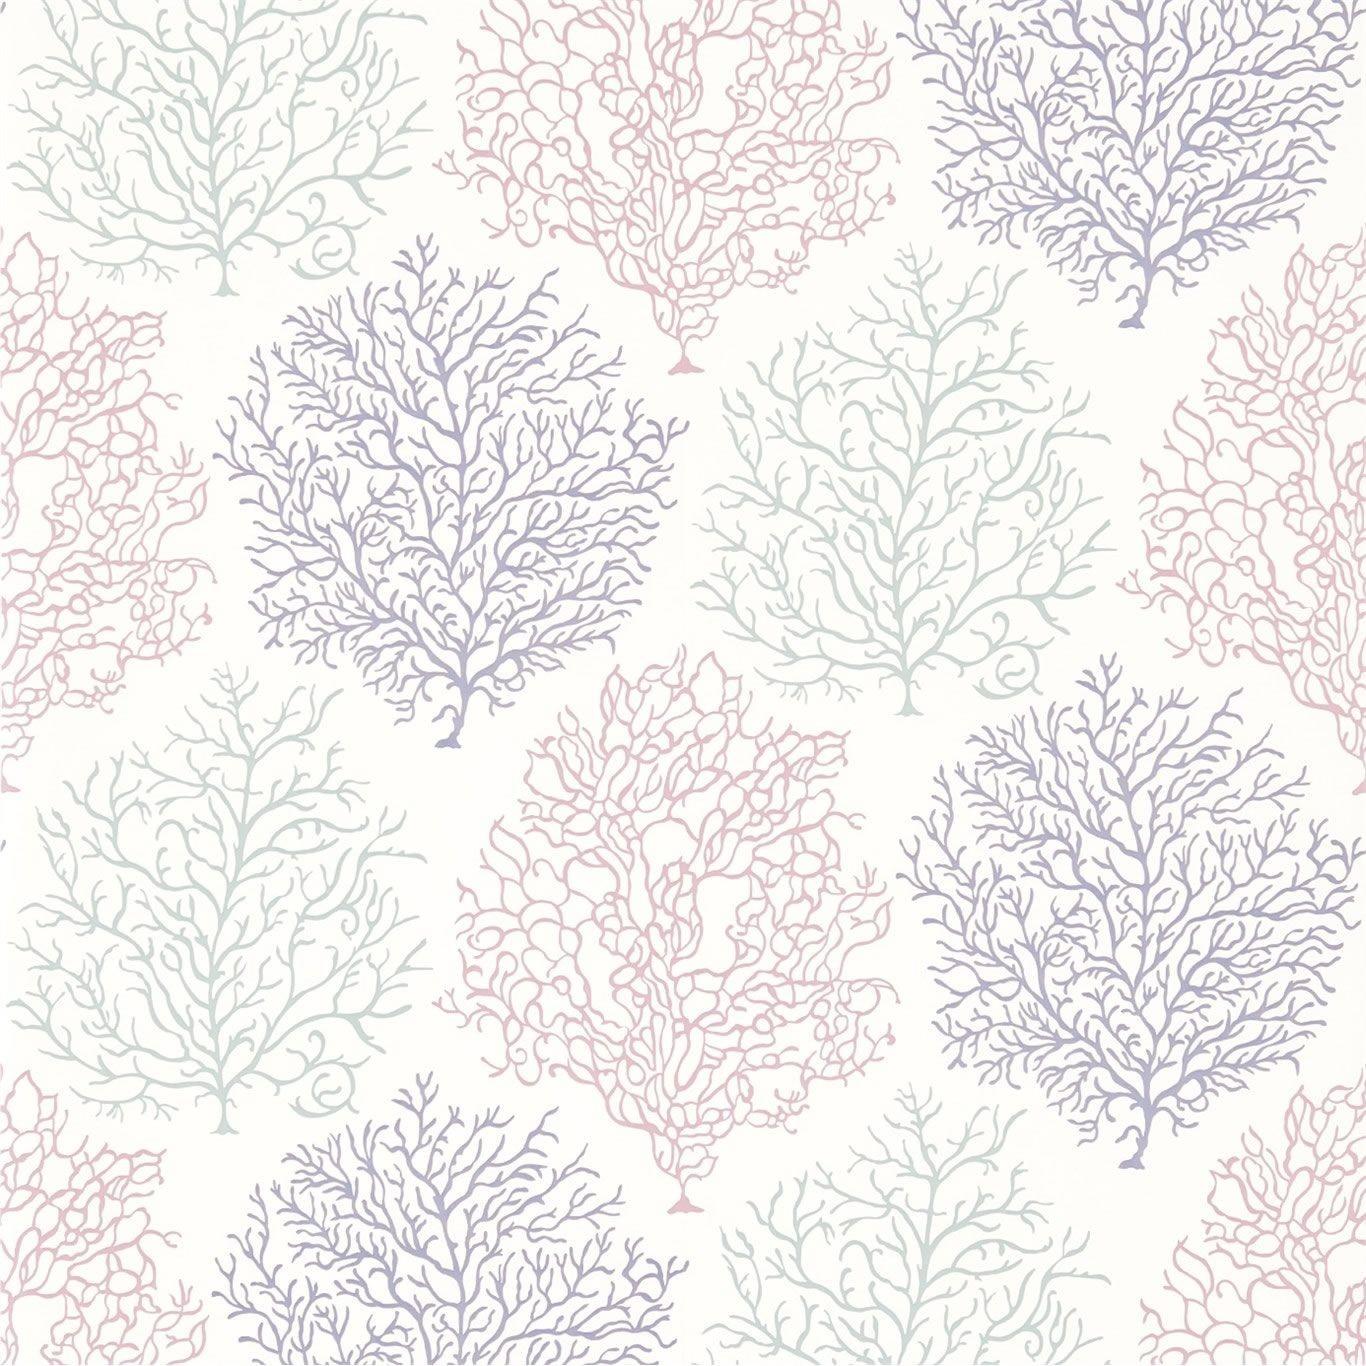 Mauve Wallpaper Wallpapersafari HD Wallpapers Download Free Images Wallpaper [1000image.com]